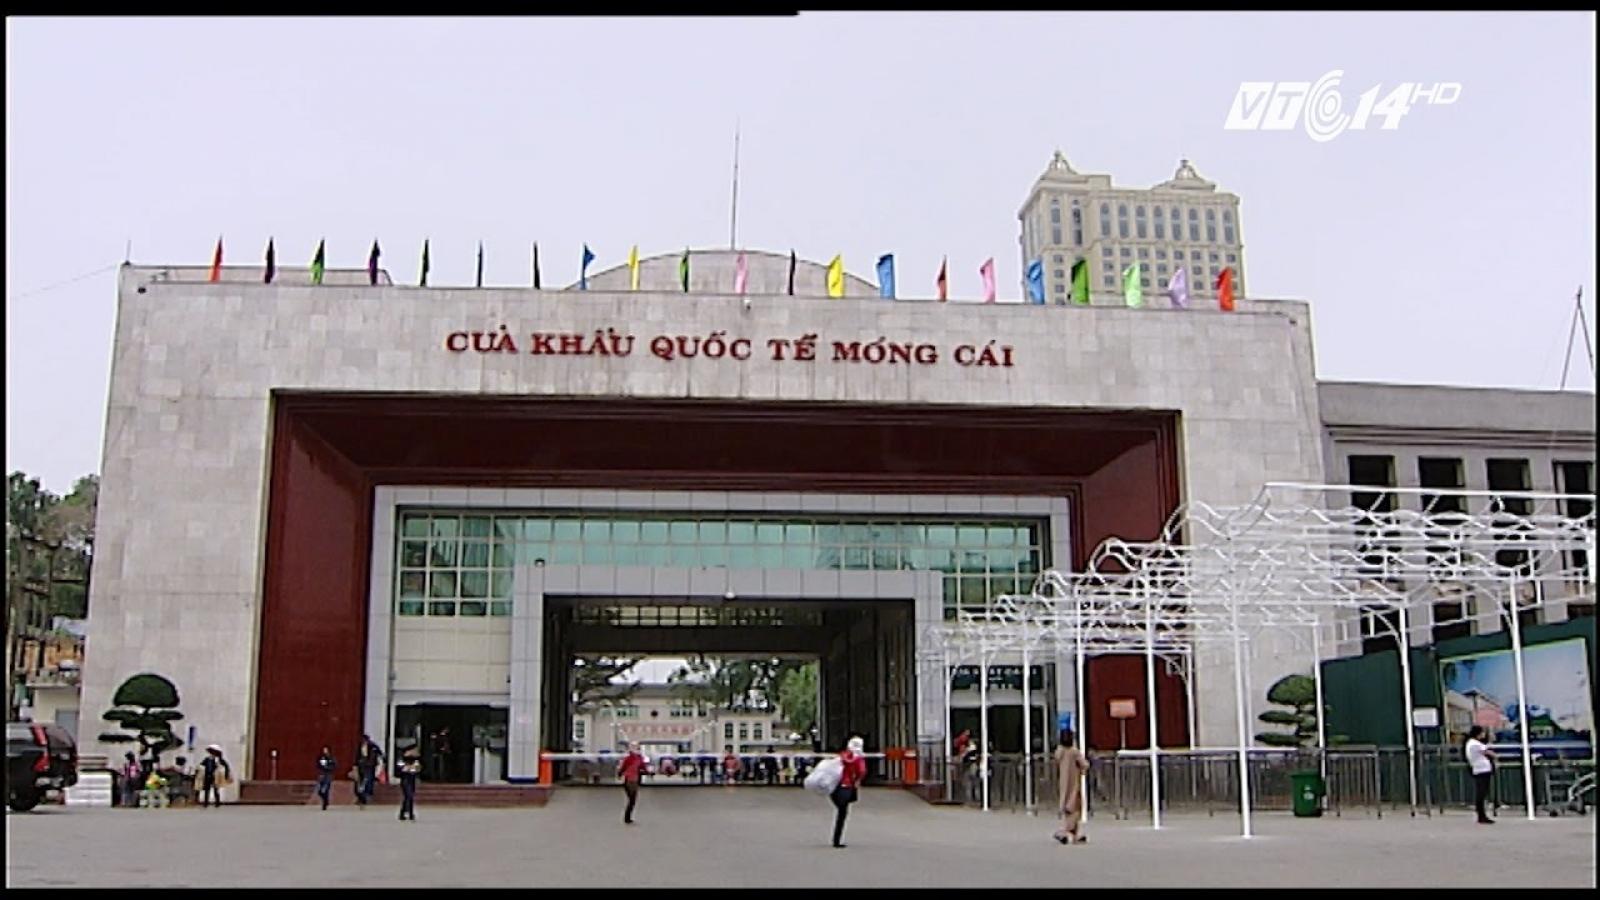 Đề nghị trục xuất 9 người Trung Quốc nhập cảnh trái phépvào tỉnh Quảng Bình